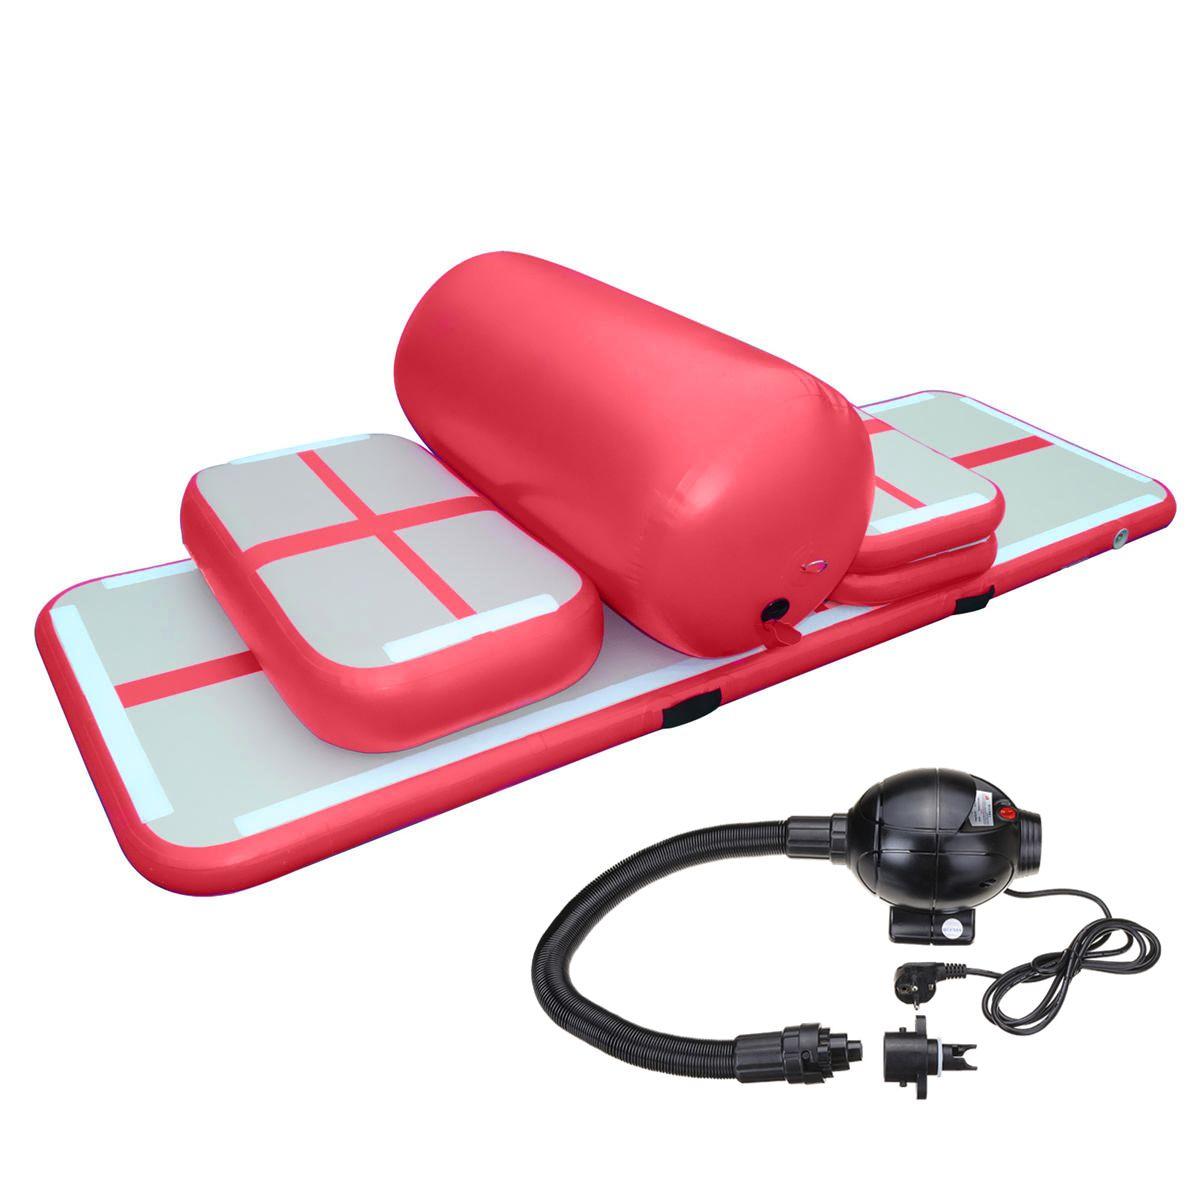 إسقاط الإبرة نفخ الهواء المسار مجموعة للبيع معدات اللياقة البدنية نفخ الهواء السقطة المسار مصنع بالجملة نفخ Airtrack التدريب